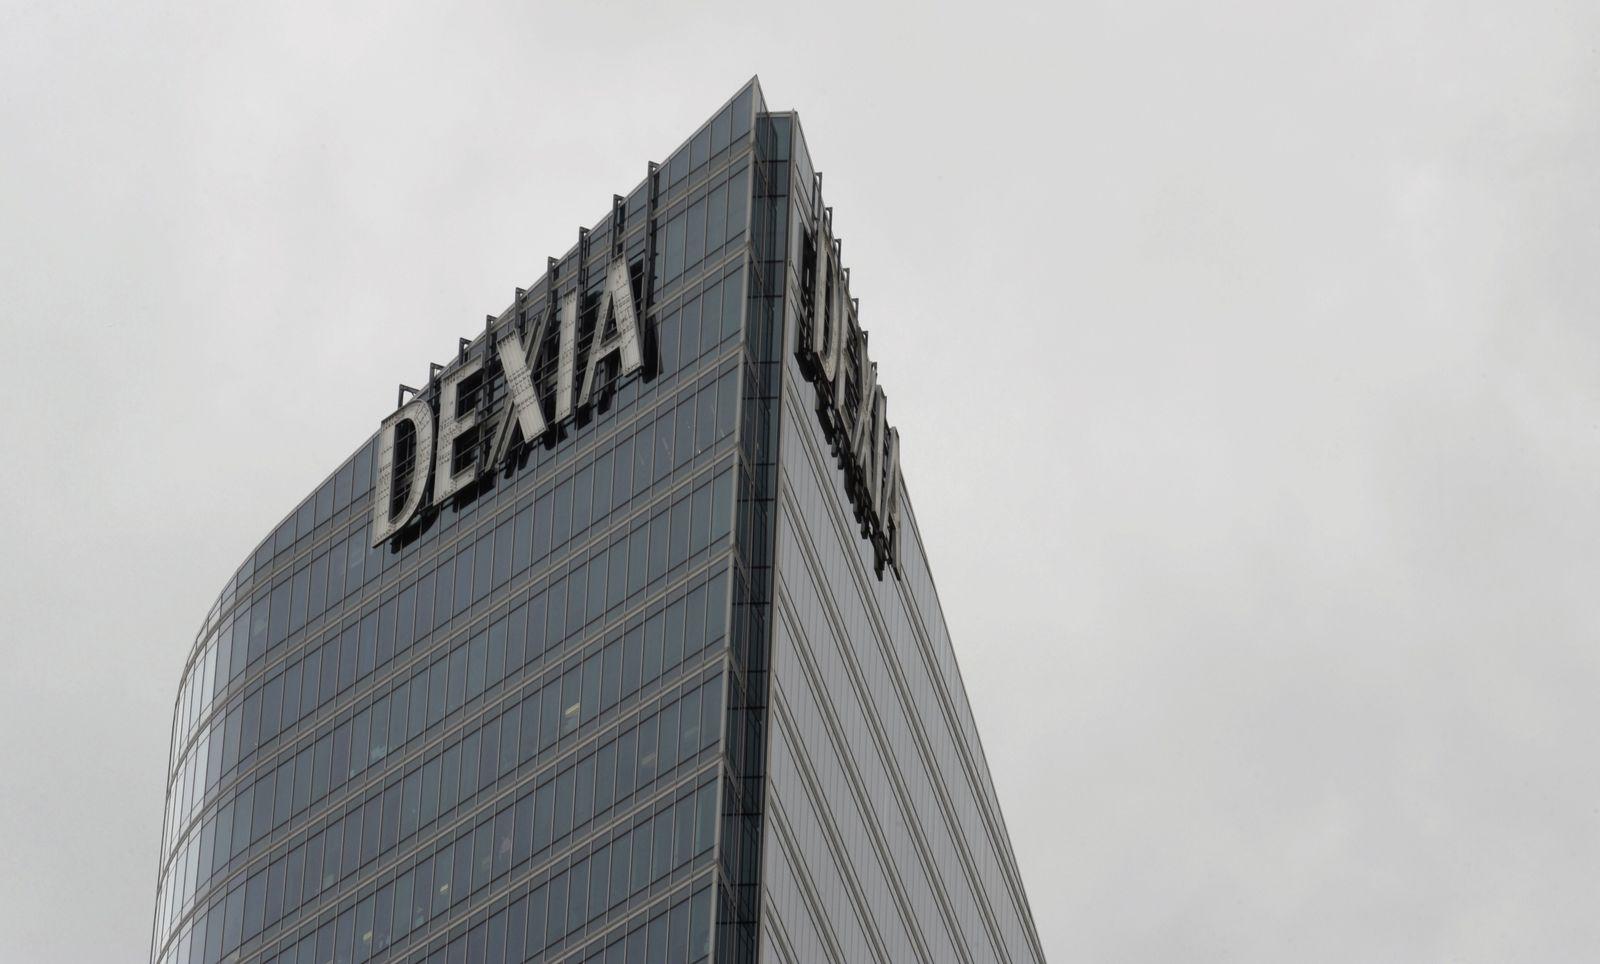 Dexia banks